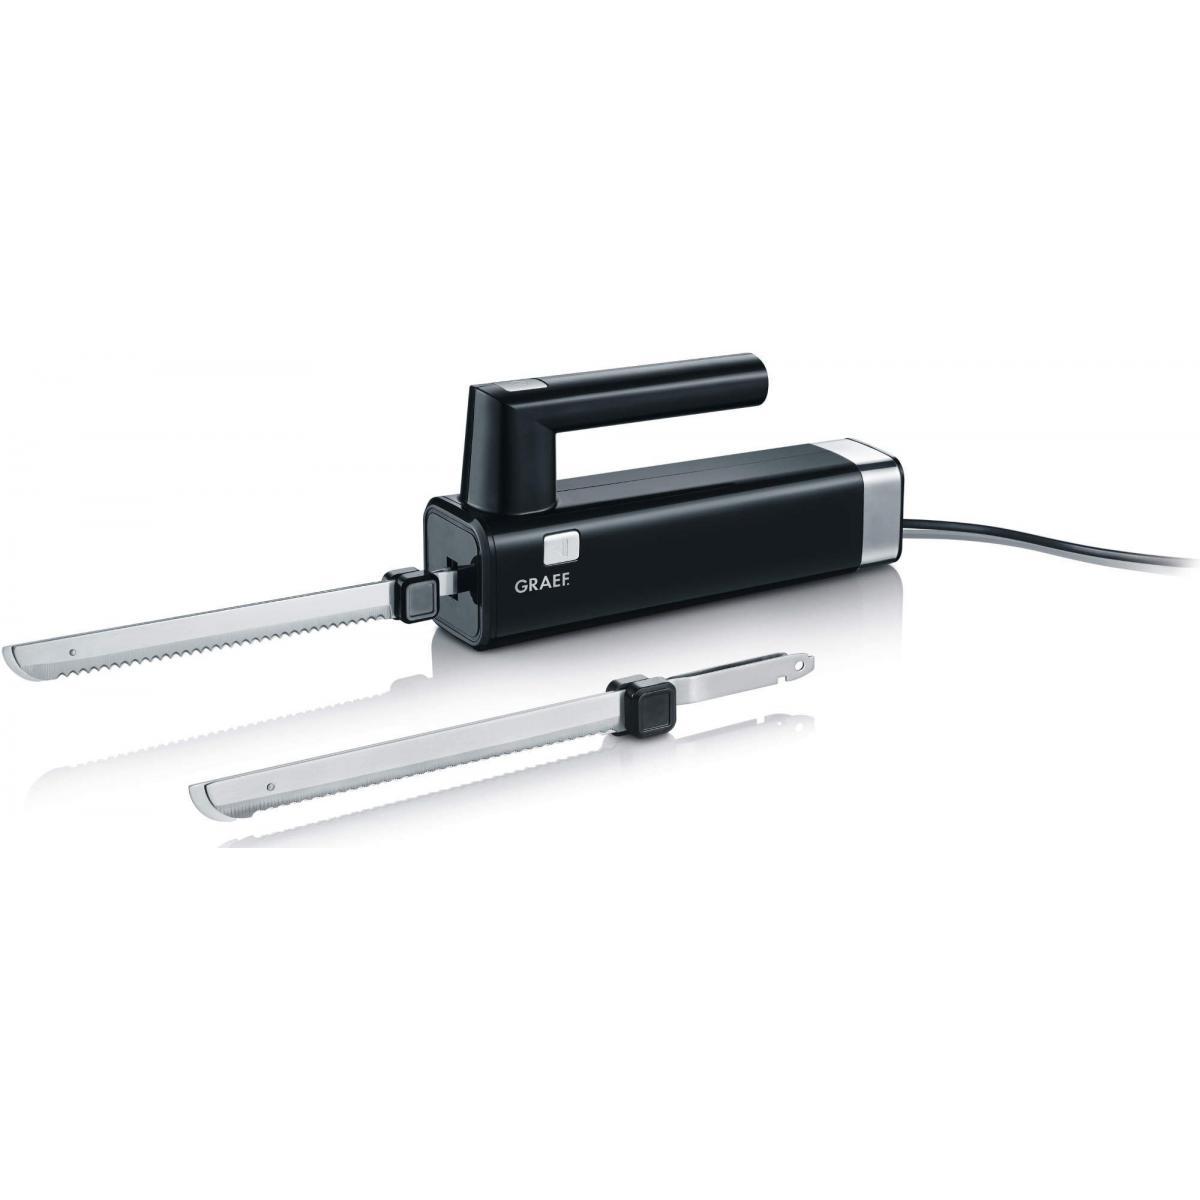 Graef Couteau électrique - EK 502 - Noir